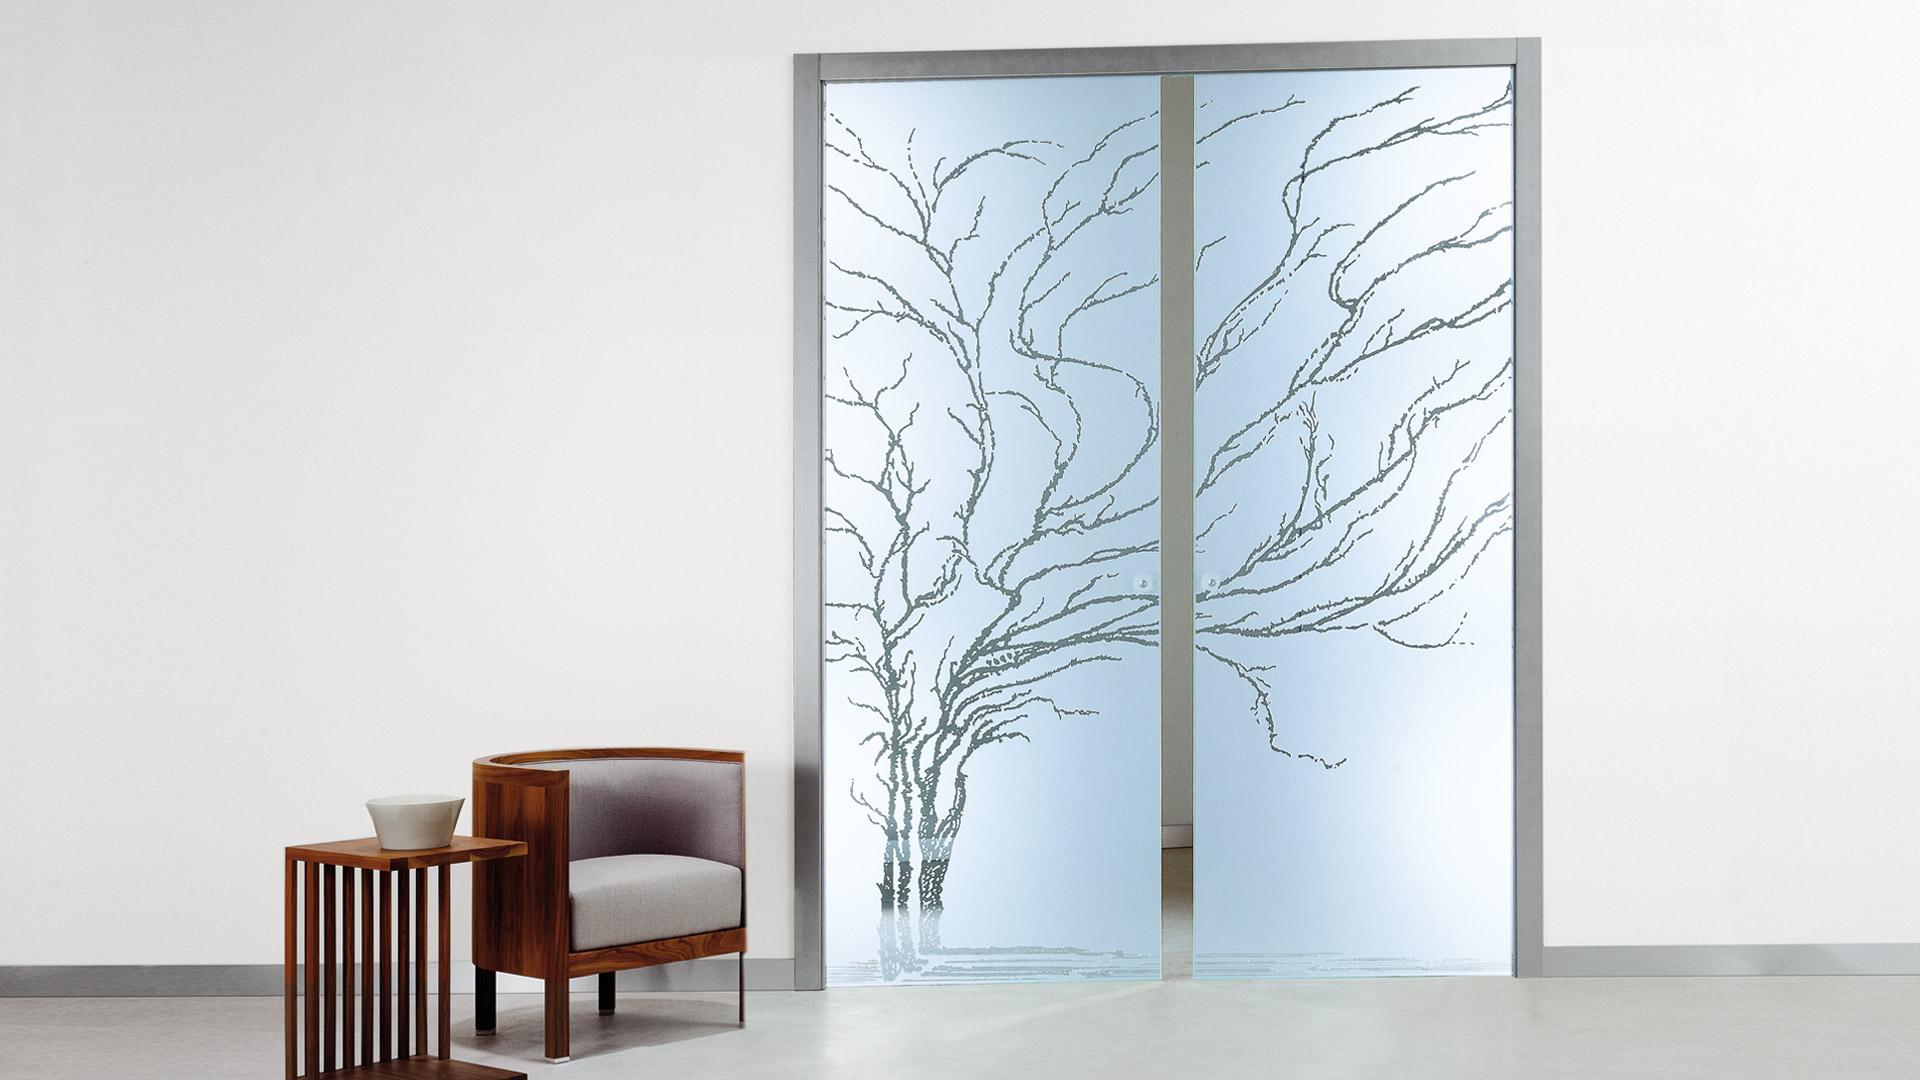 La collezione i soggetti porte di vetro casali - Design d interni milano ...